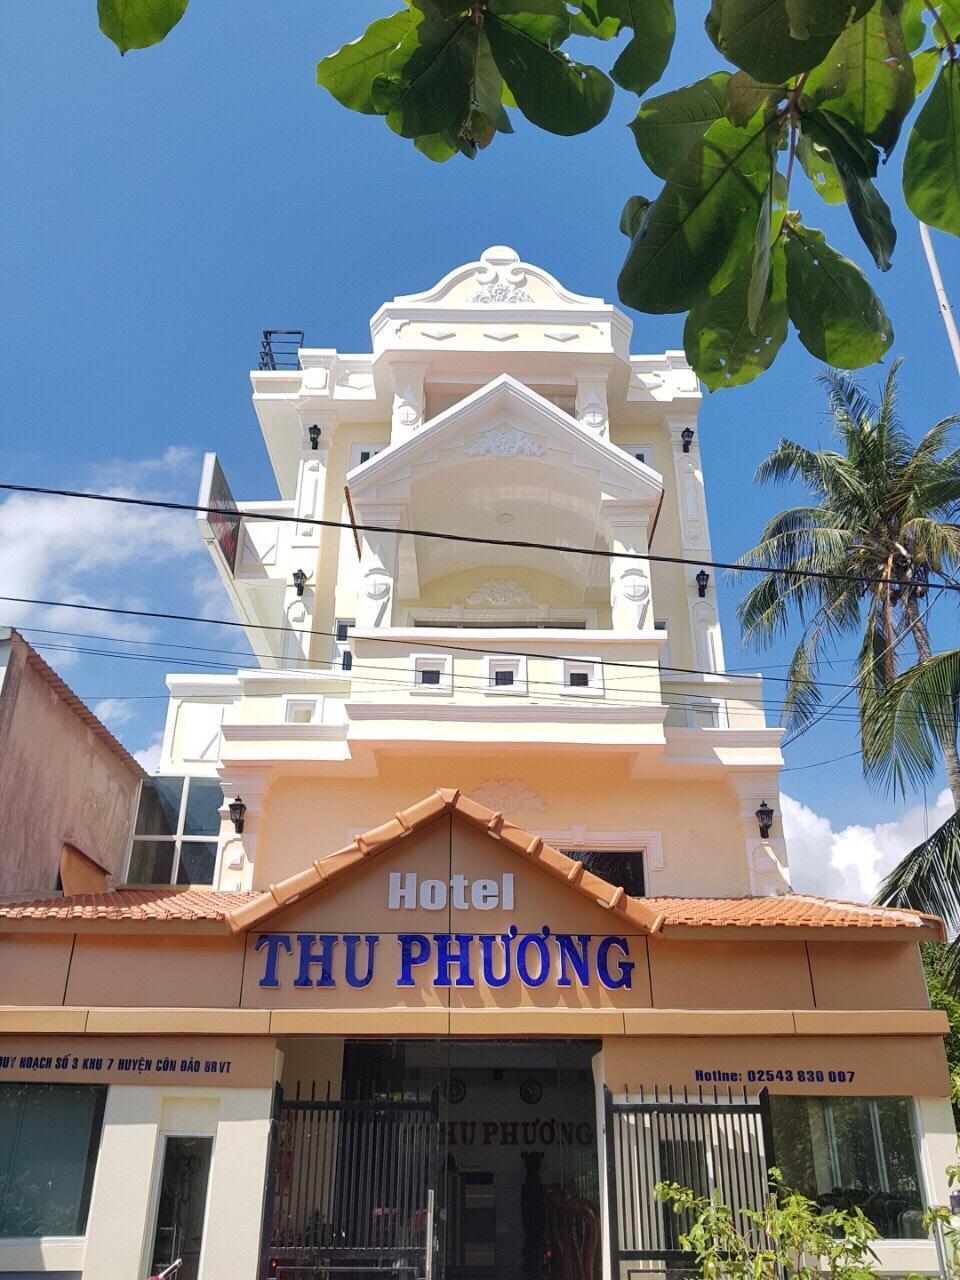 Hotel Thu Phuong, Côn Đảo